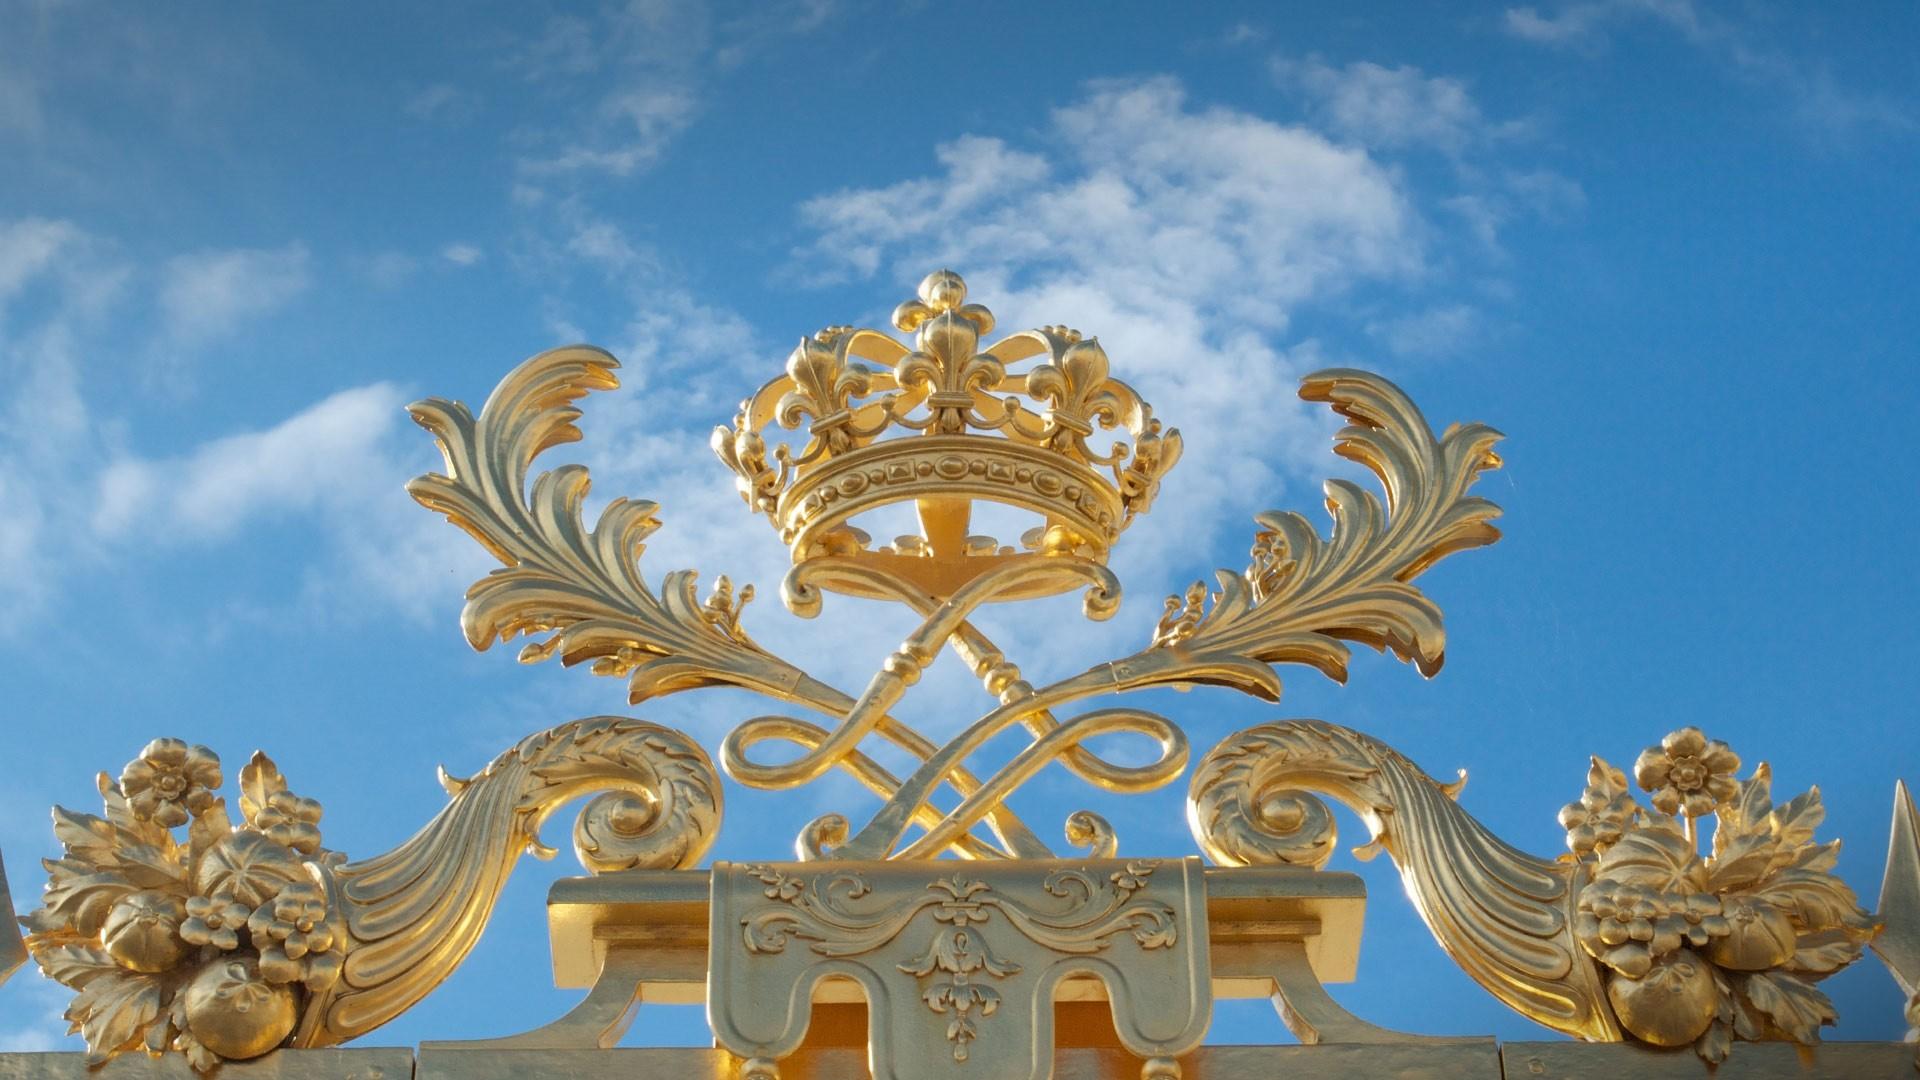 Crown a wallpaper